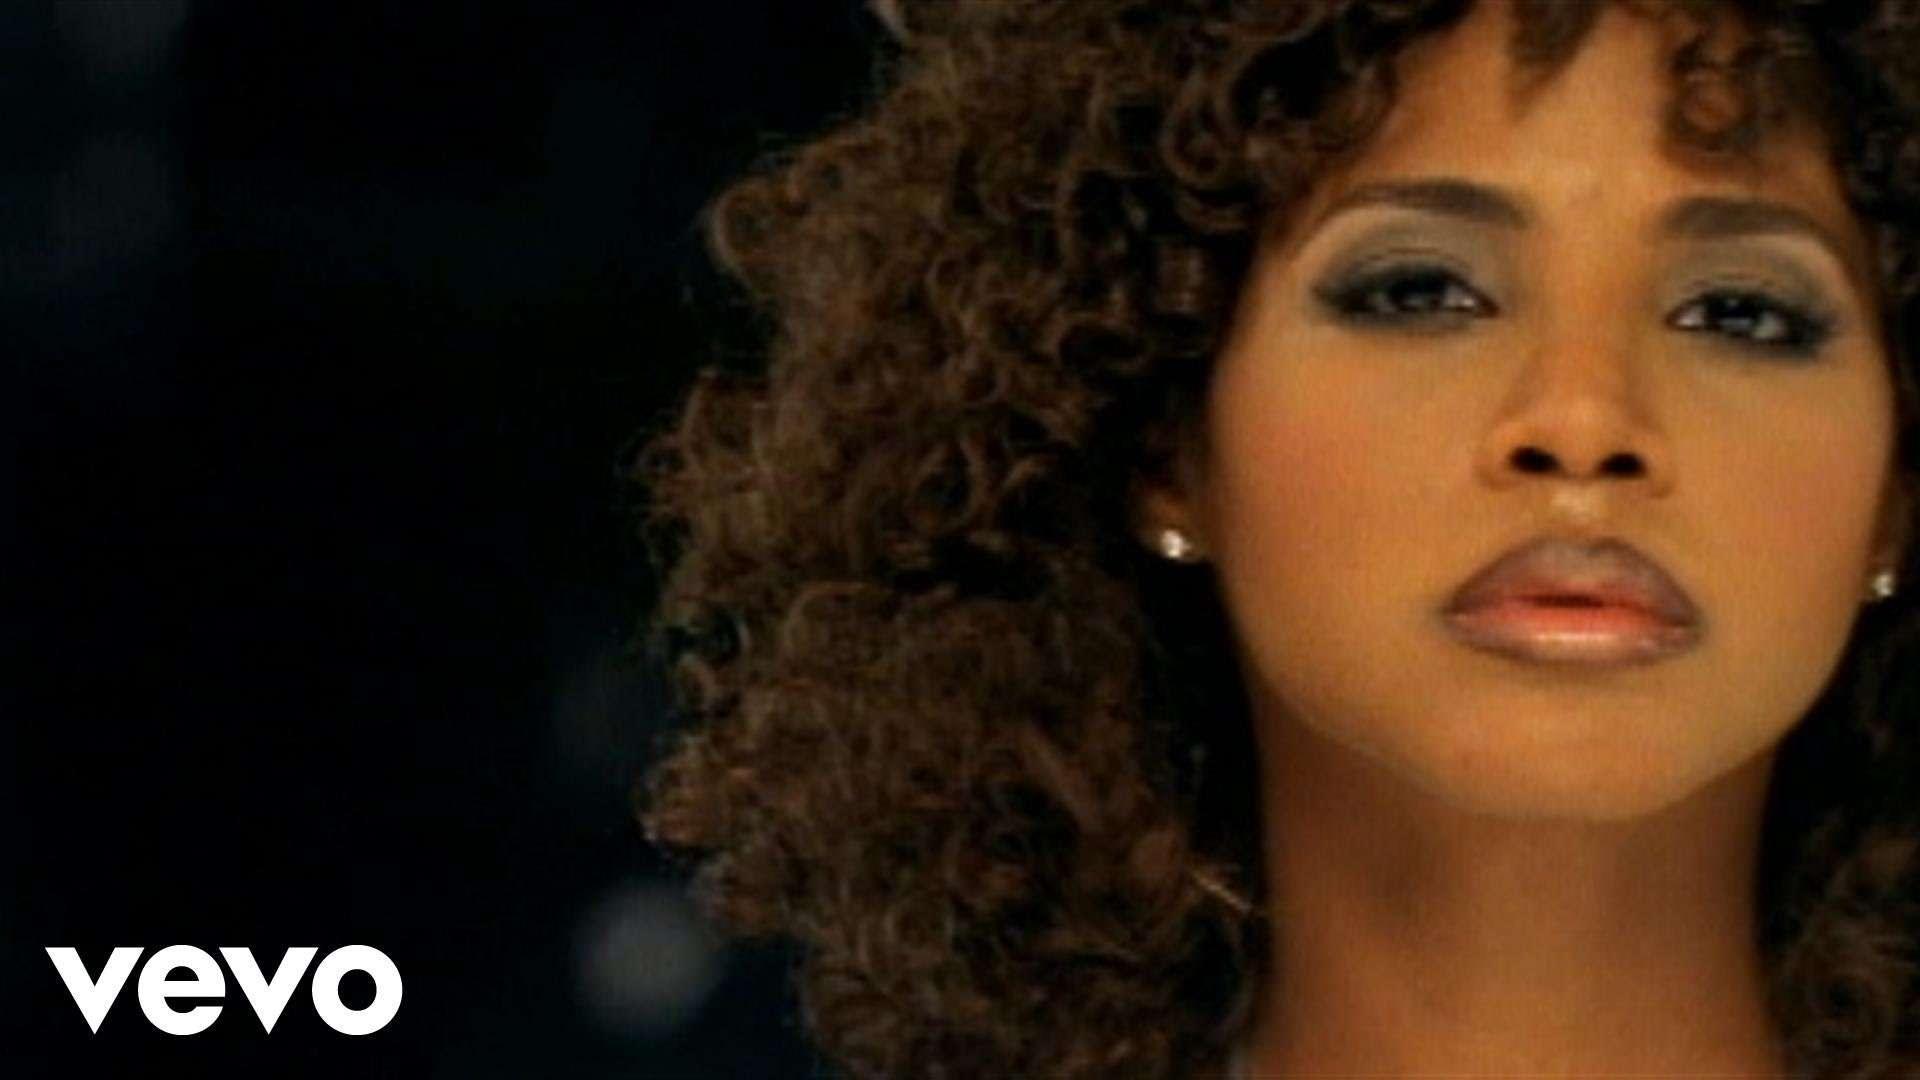 Toni Braxton - Un-Break My Heart (Video Version) - YouTube